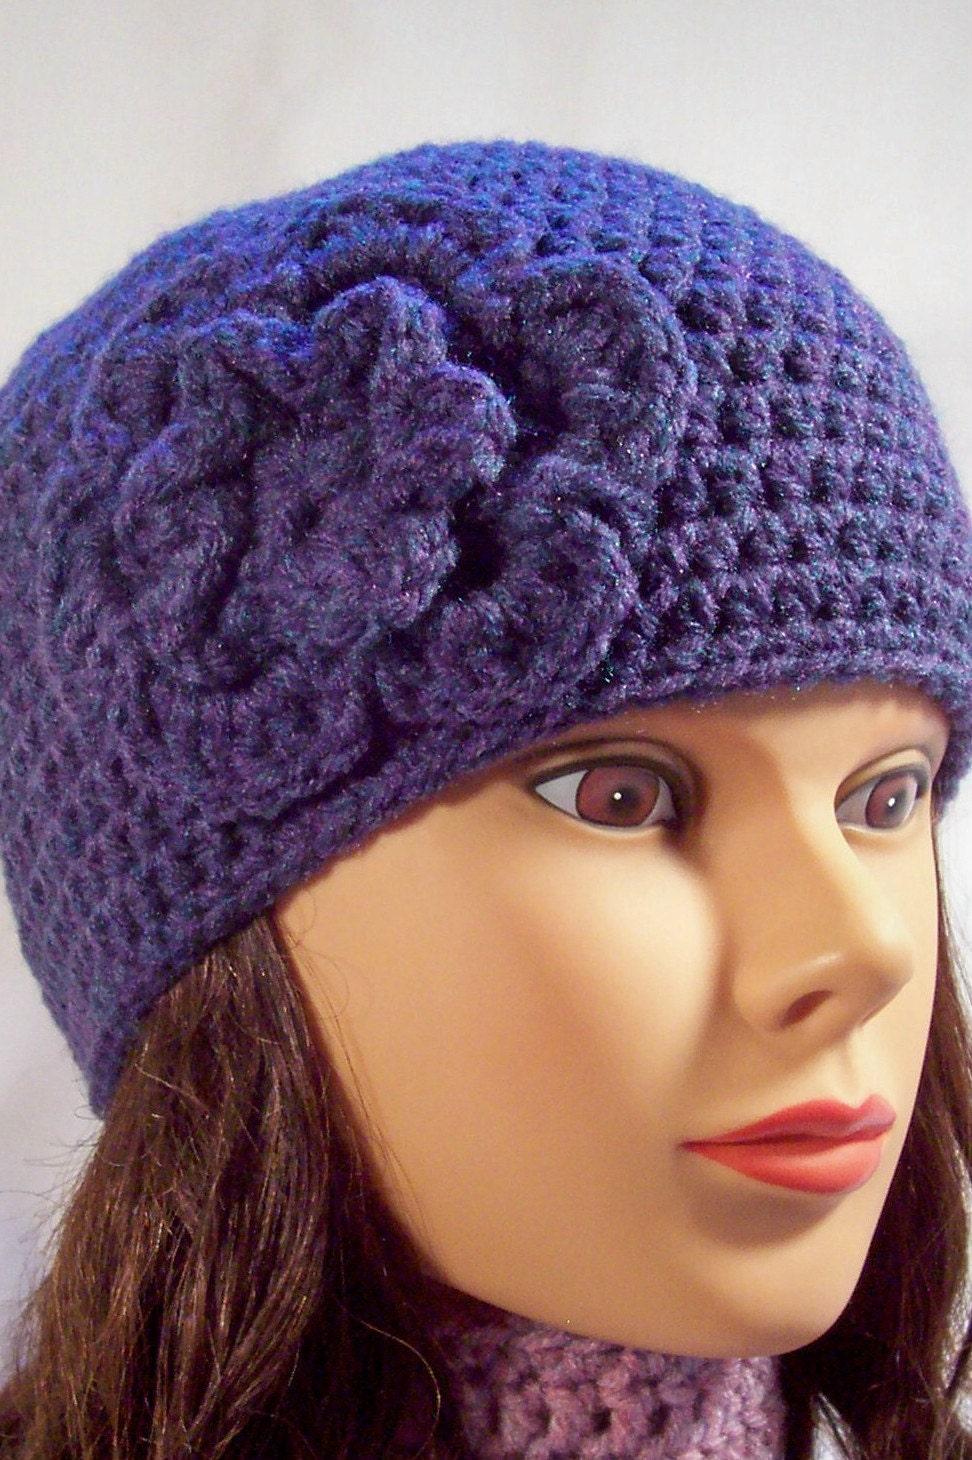 womens crochet hat crochet hat with flower purple